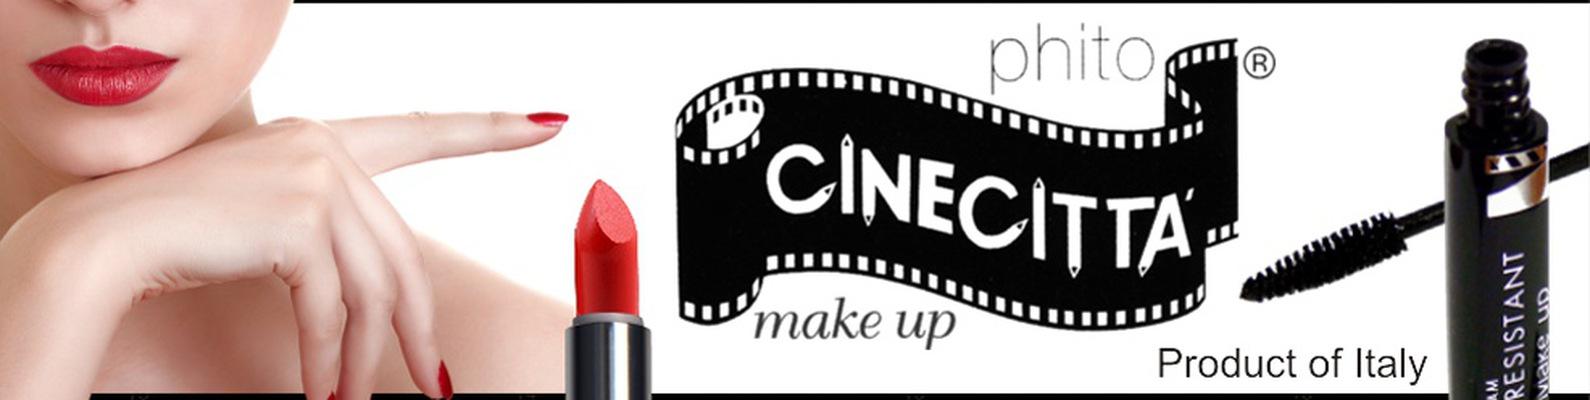 Cinecitta косметика купить украина купить косметику теана в интернет магазине